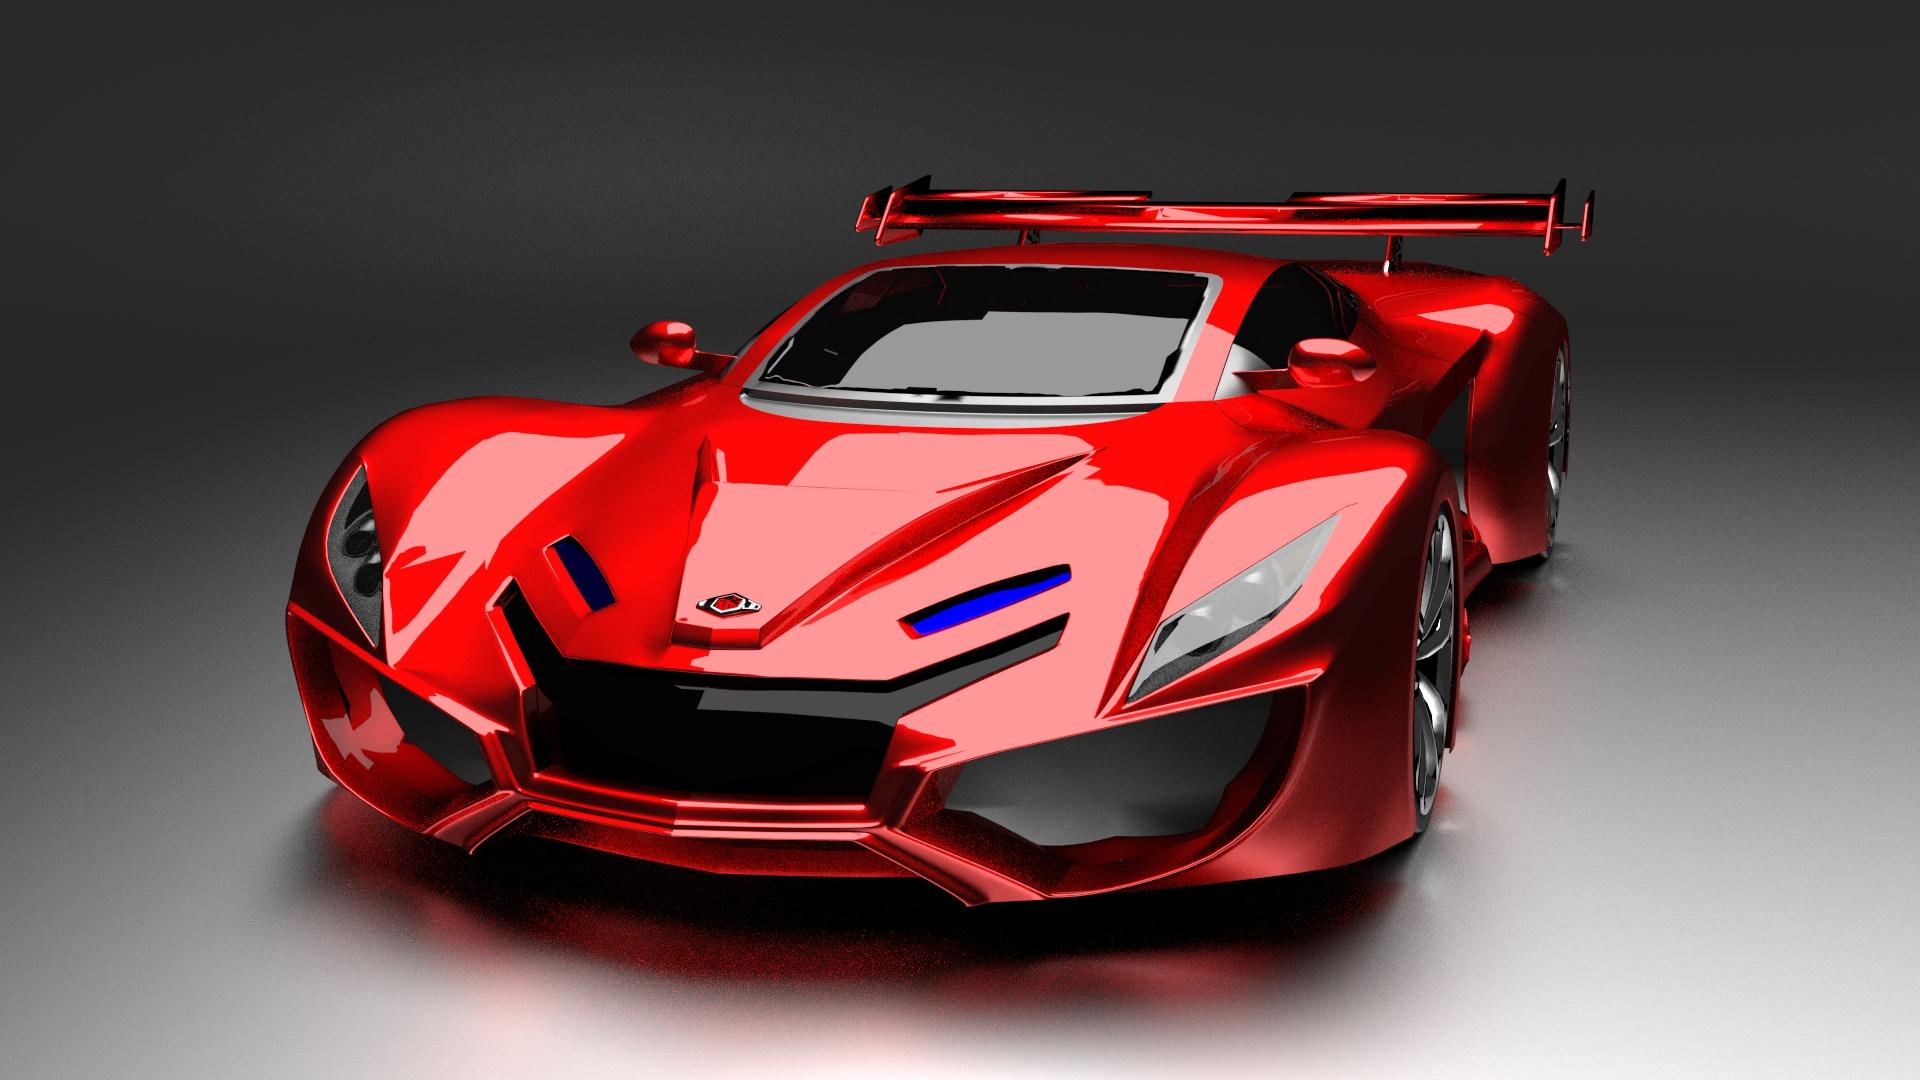 GTV K4 Sports Car by JeFF3Dee on DeviantArt